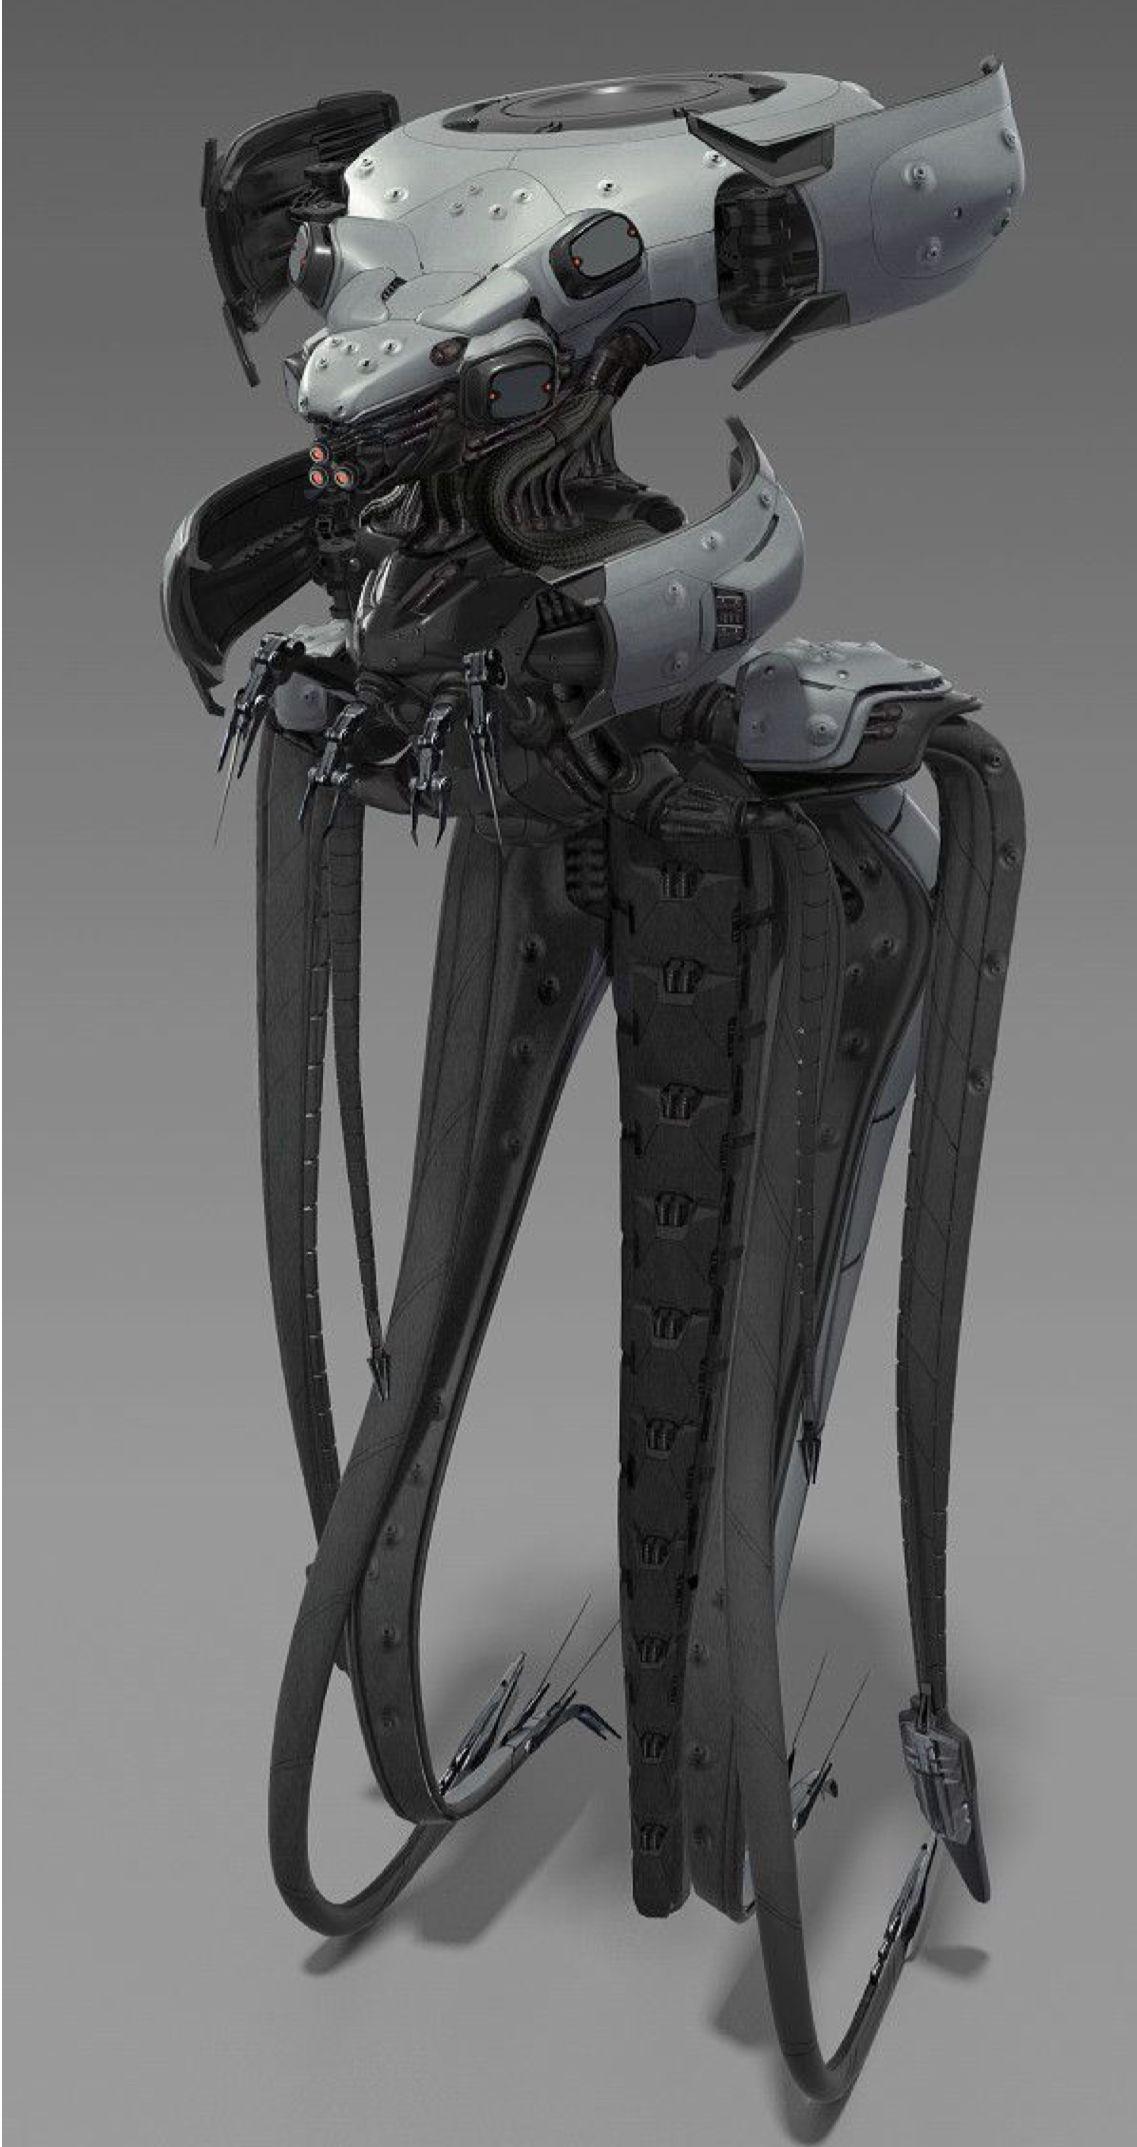 Biomech Alien Concept Art Tech Art Robot